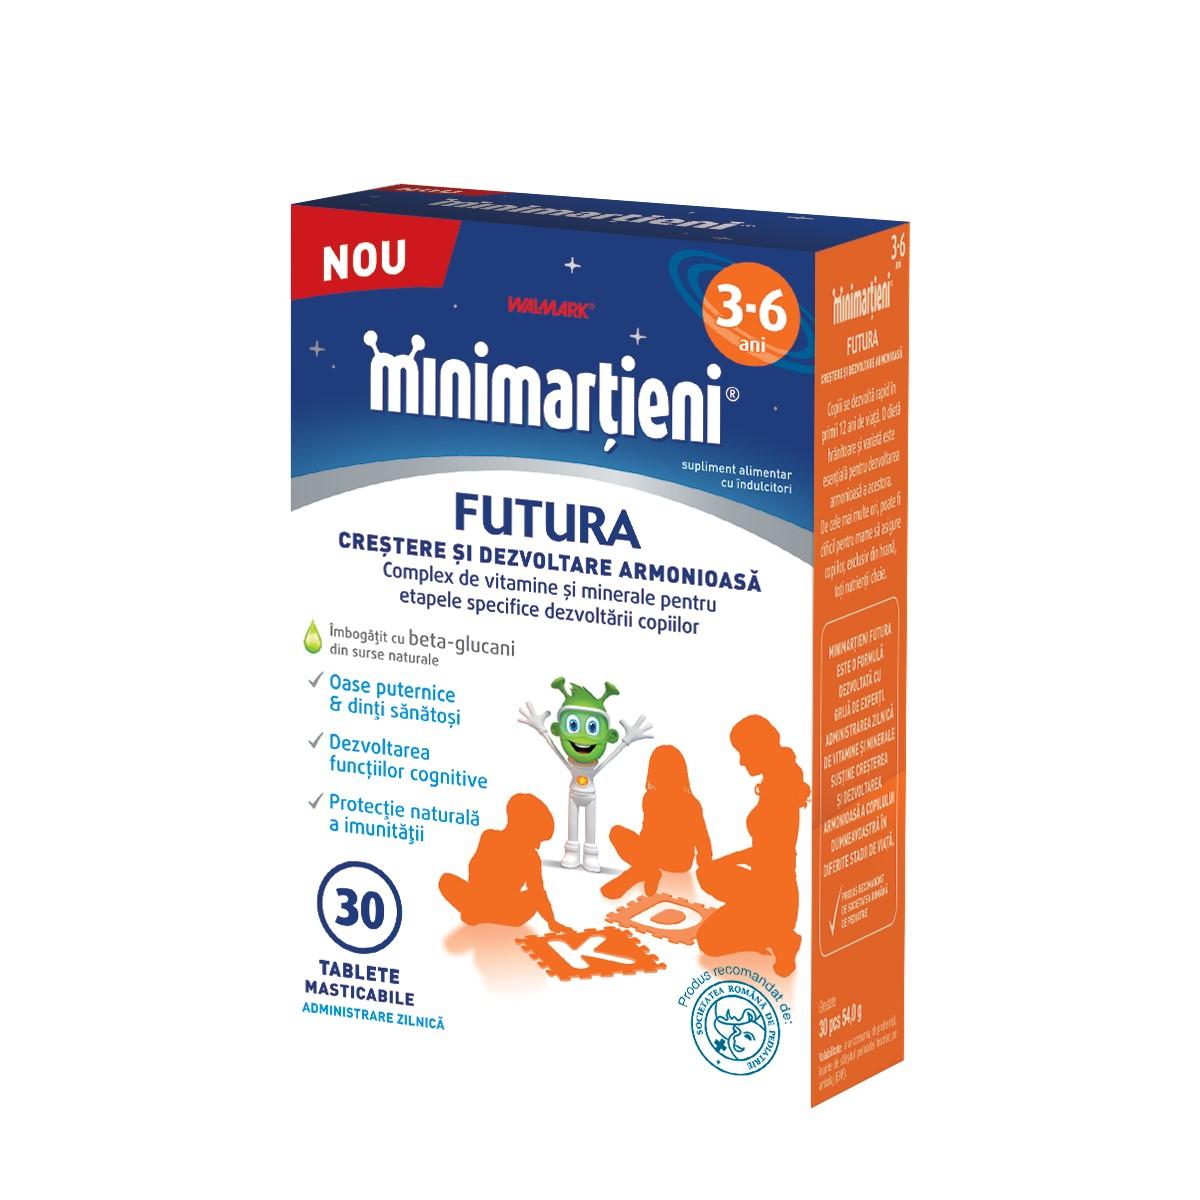 Minimartieni Futura crestere si dezvoltare 3-6 ani, 30 tablete, Walmark la preț mic imagine